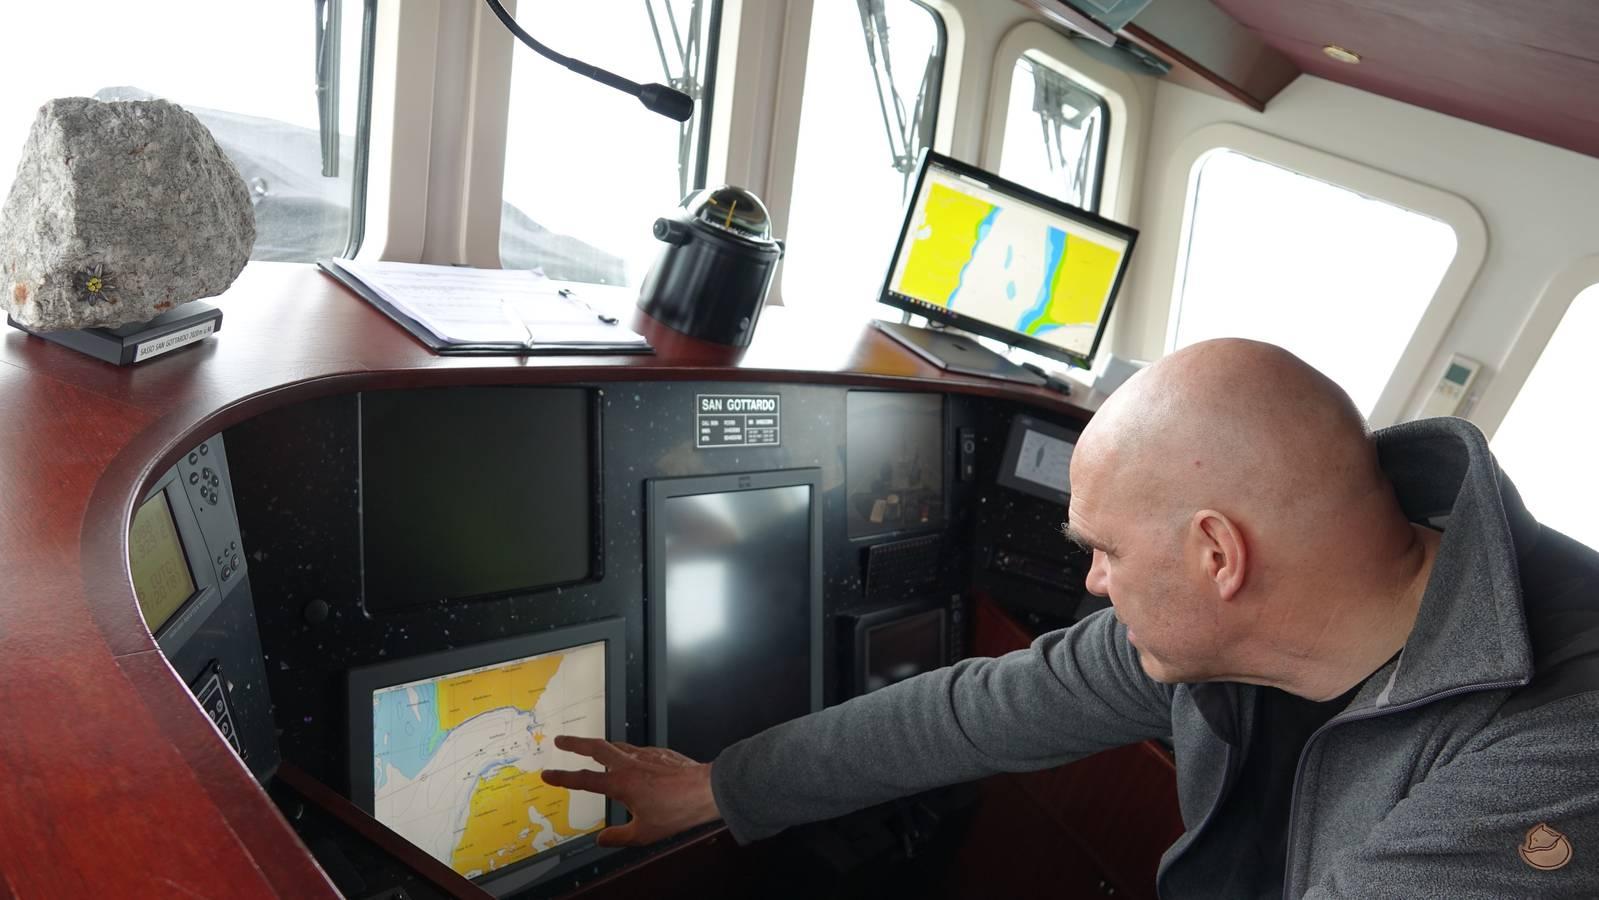 Mit dem Schiff «MV San Gottardo» reiste ich drei Wochen als Virgin Arktis-Reporterin durch die Arktis. (© Virgin Radio Switzerland)